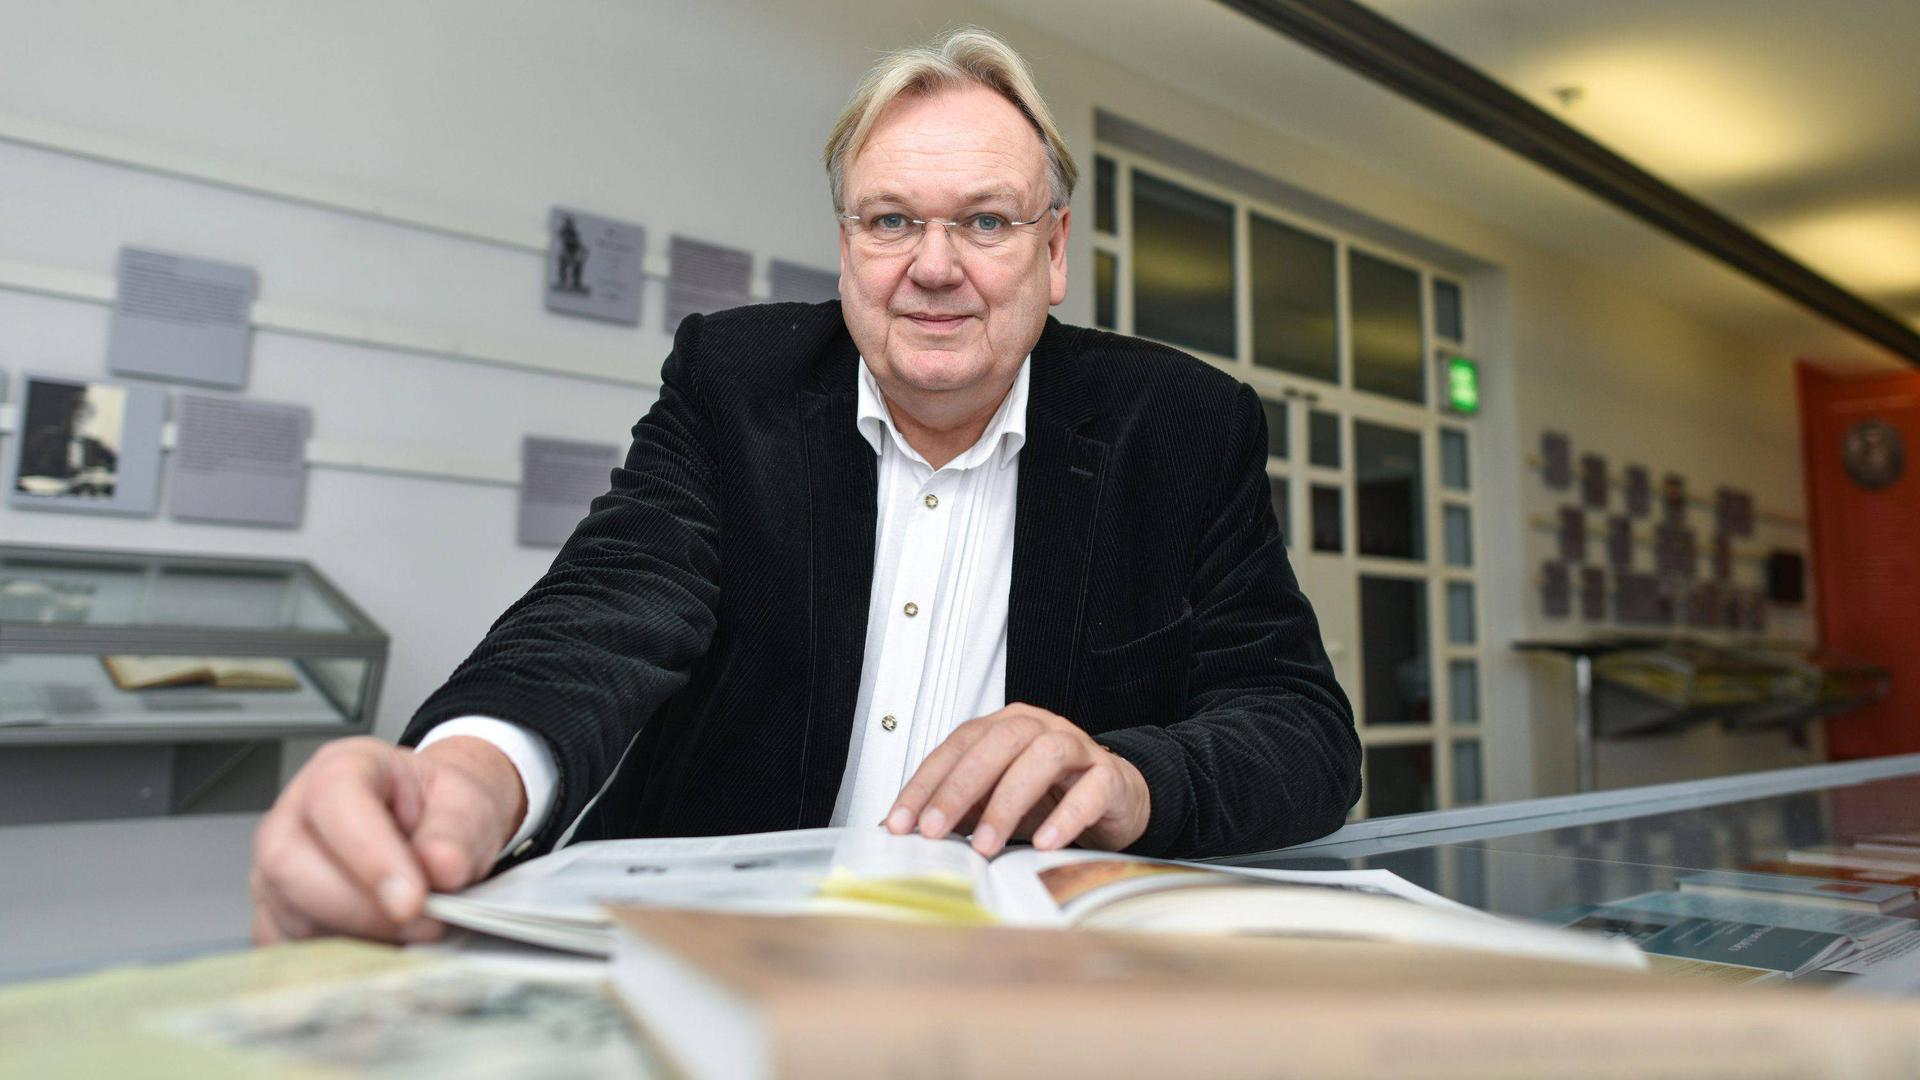 """Der Literaturwissenschaftler und Leiter des """"Museums für Literatur am Oberrhein"""", Hansgeorg Schmidt-Bergmann, sitzt am 15.12.2014 in Karlsruhe (Baden-Württemberg) mit Büchern in den Museumsräumen. Foto: Uwe Anspach/dpa (zu dpa «Lyrik mit Gänsehaut-Garantie: Literatur lebt von unten» 15.02.2015) +++(c) dpa - Bildfunk+++"""